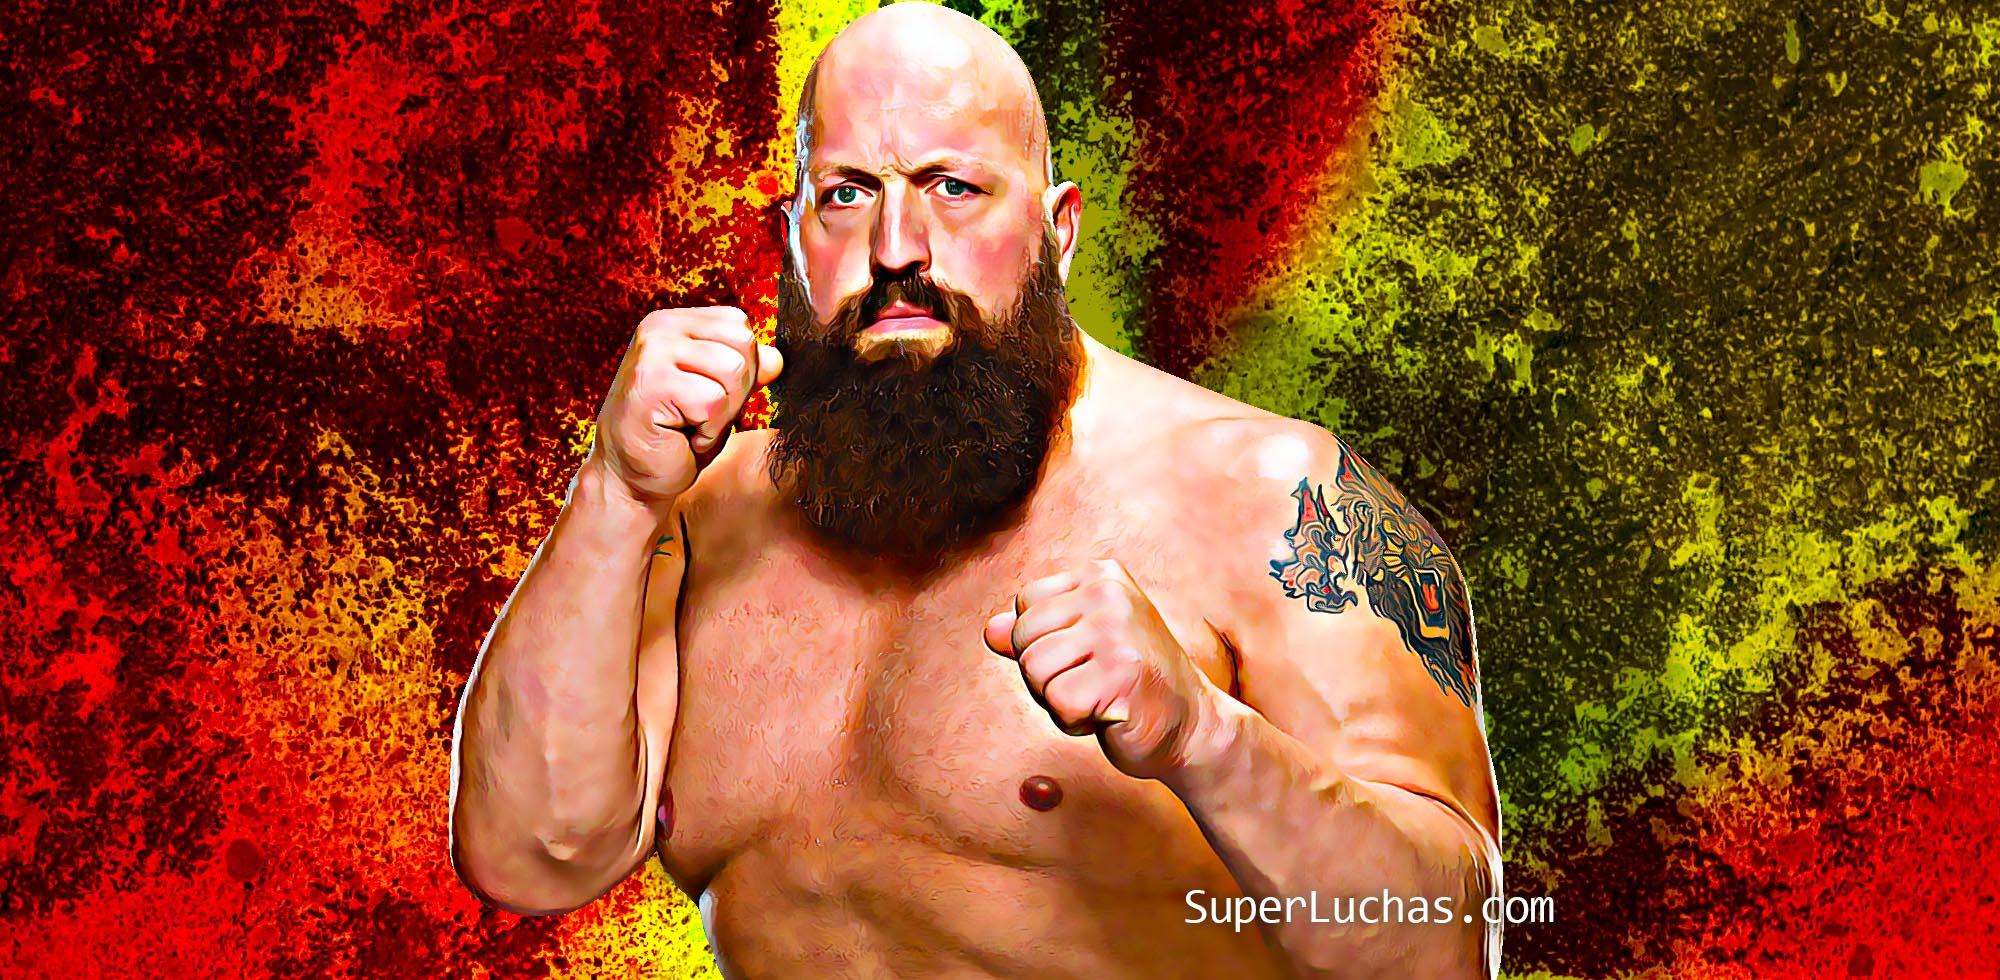 Big Show confiesa su momento más vergonzoso en WWE 1